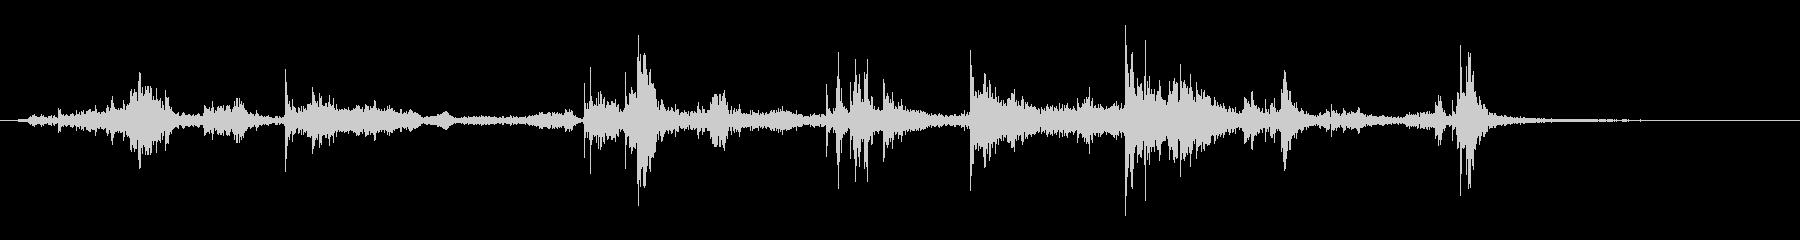 ペラペラ(紙をめくるシンプルな音)の未再生の波形